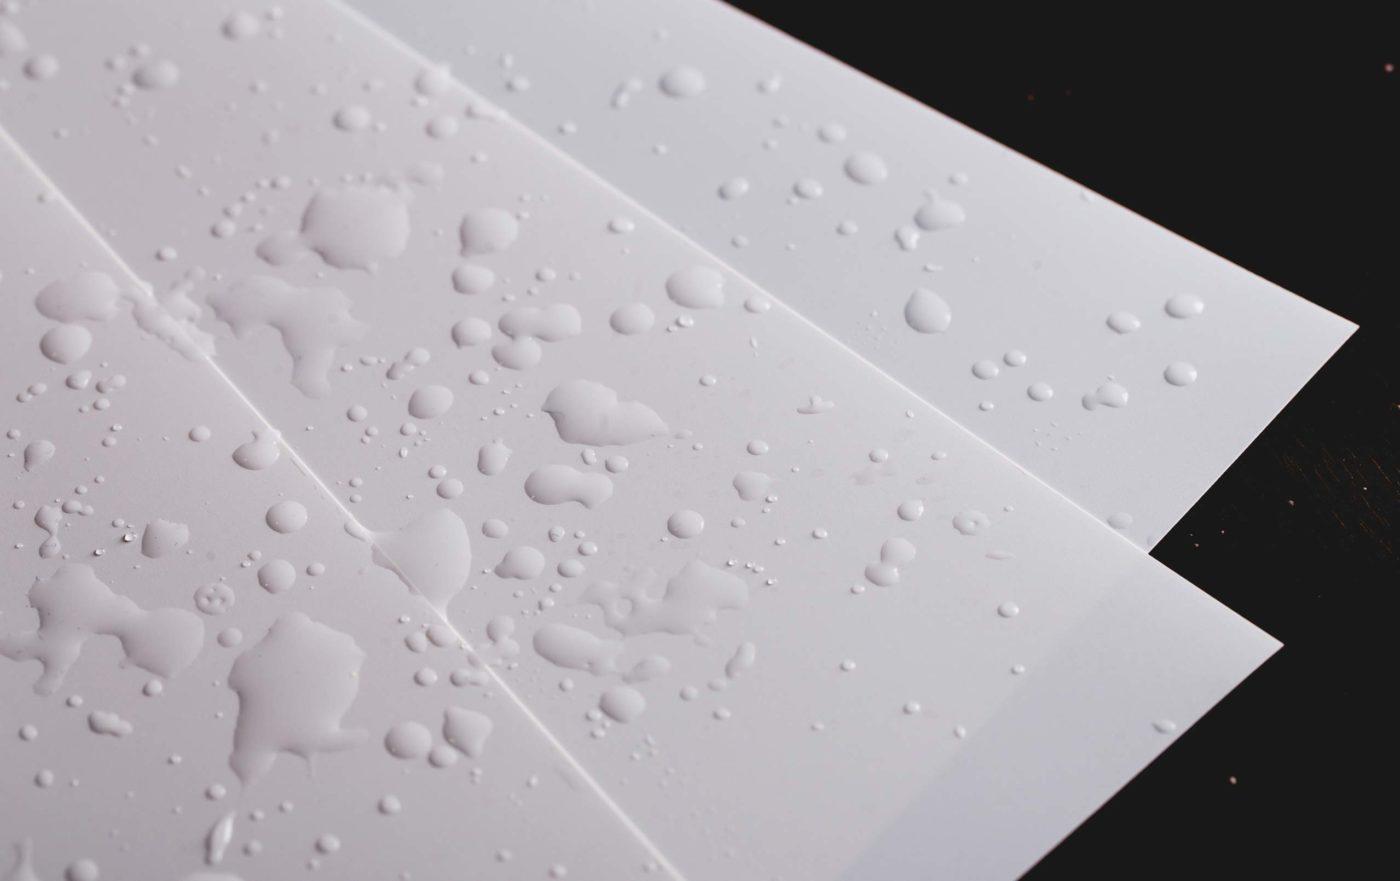 Giấy nhựa đắt đỏ nhưng in ấn giấy khen cực đẹp